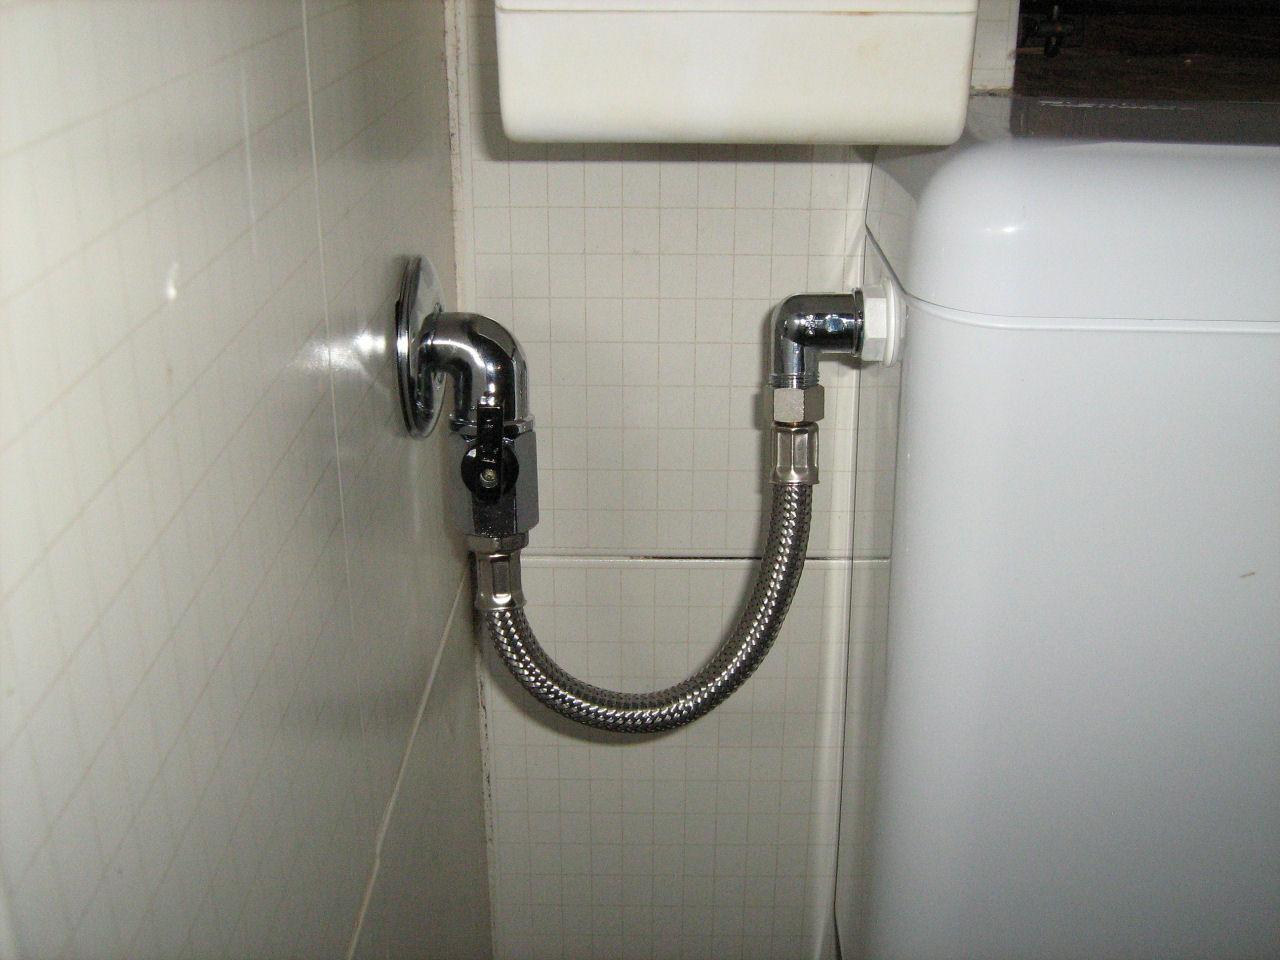 Vasca di scarico del water for Collegamento del tubo di rame al pvc